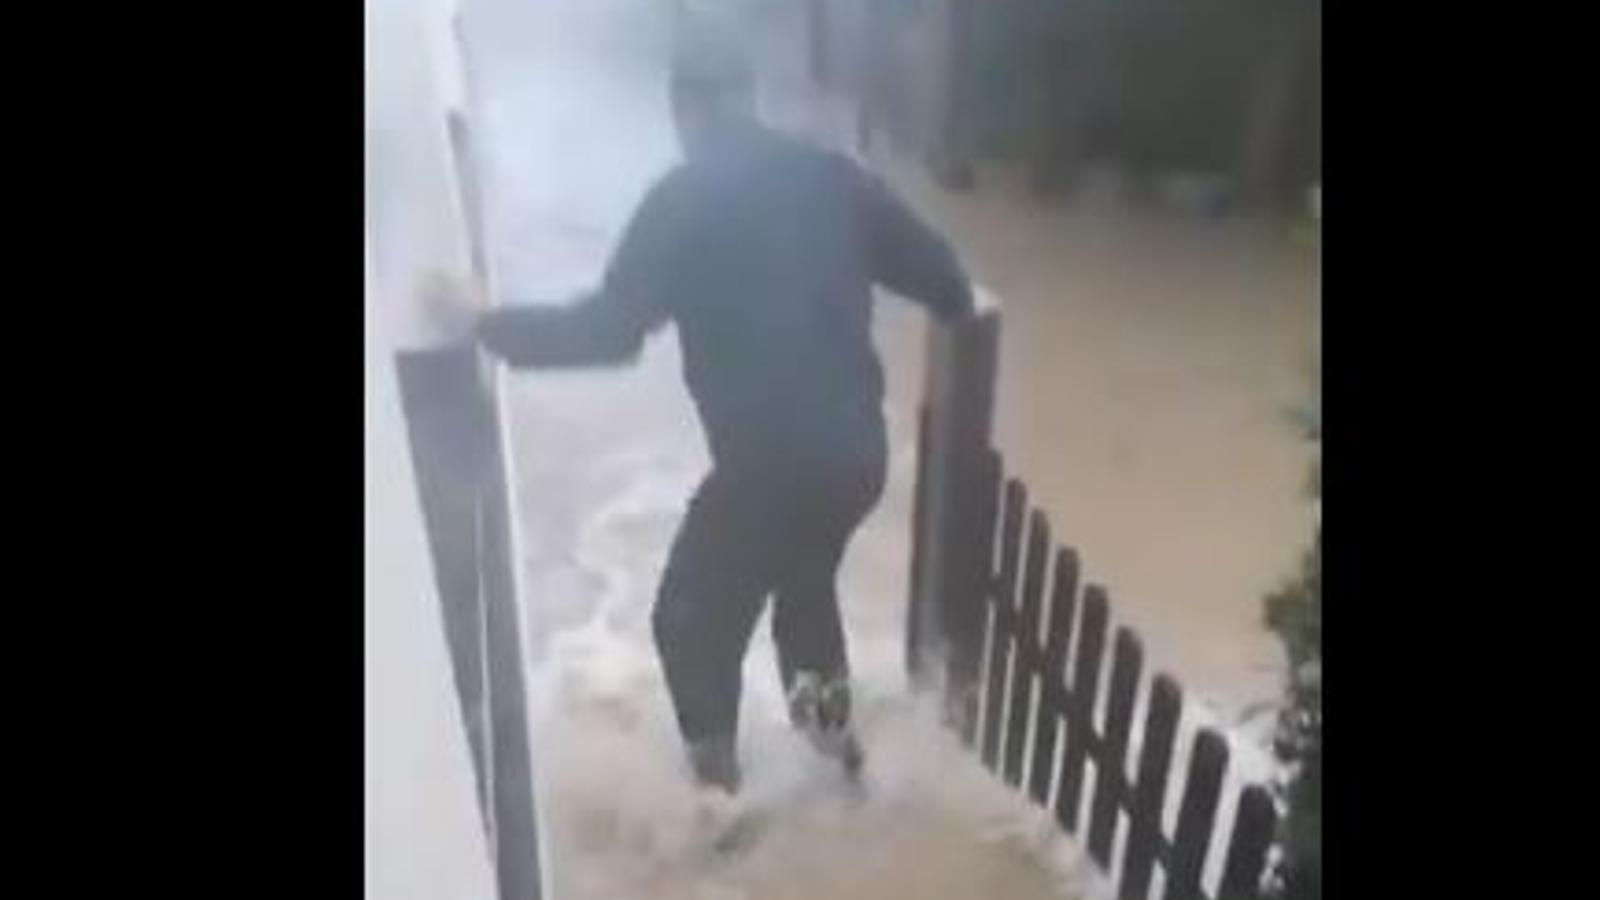 Inundacions a Capdepera, carreteres tallades i el desbordament d'un torrent, els efectes de la intensa pluja